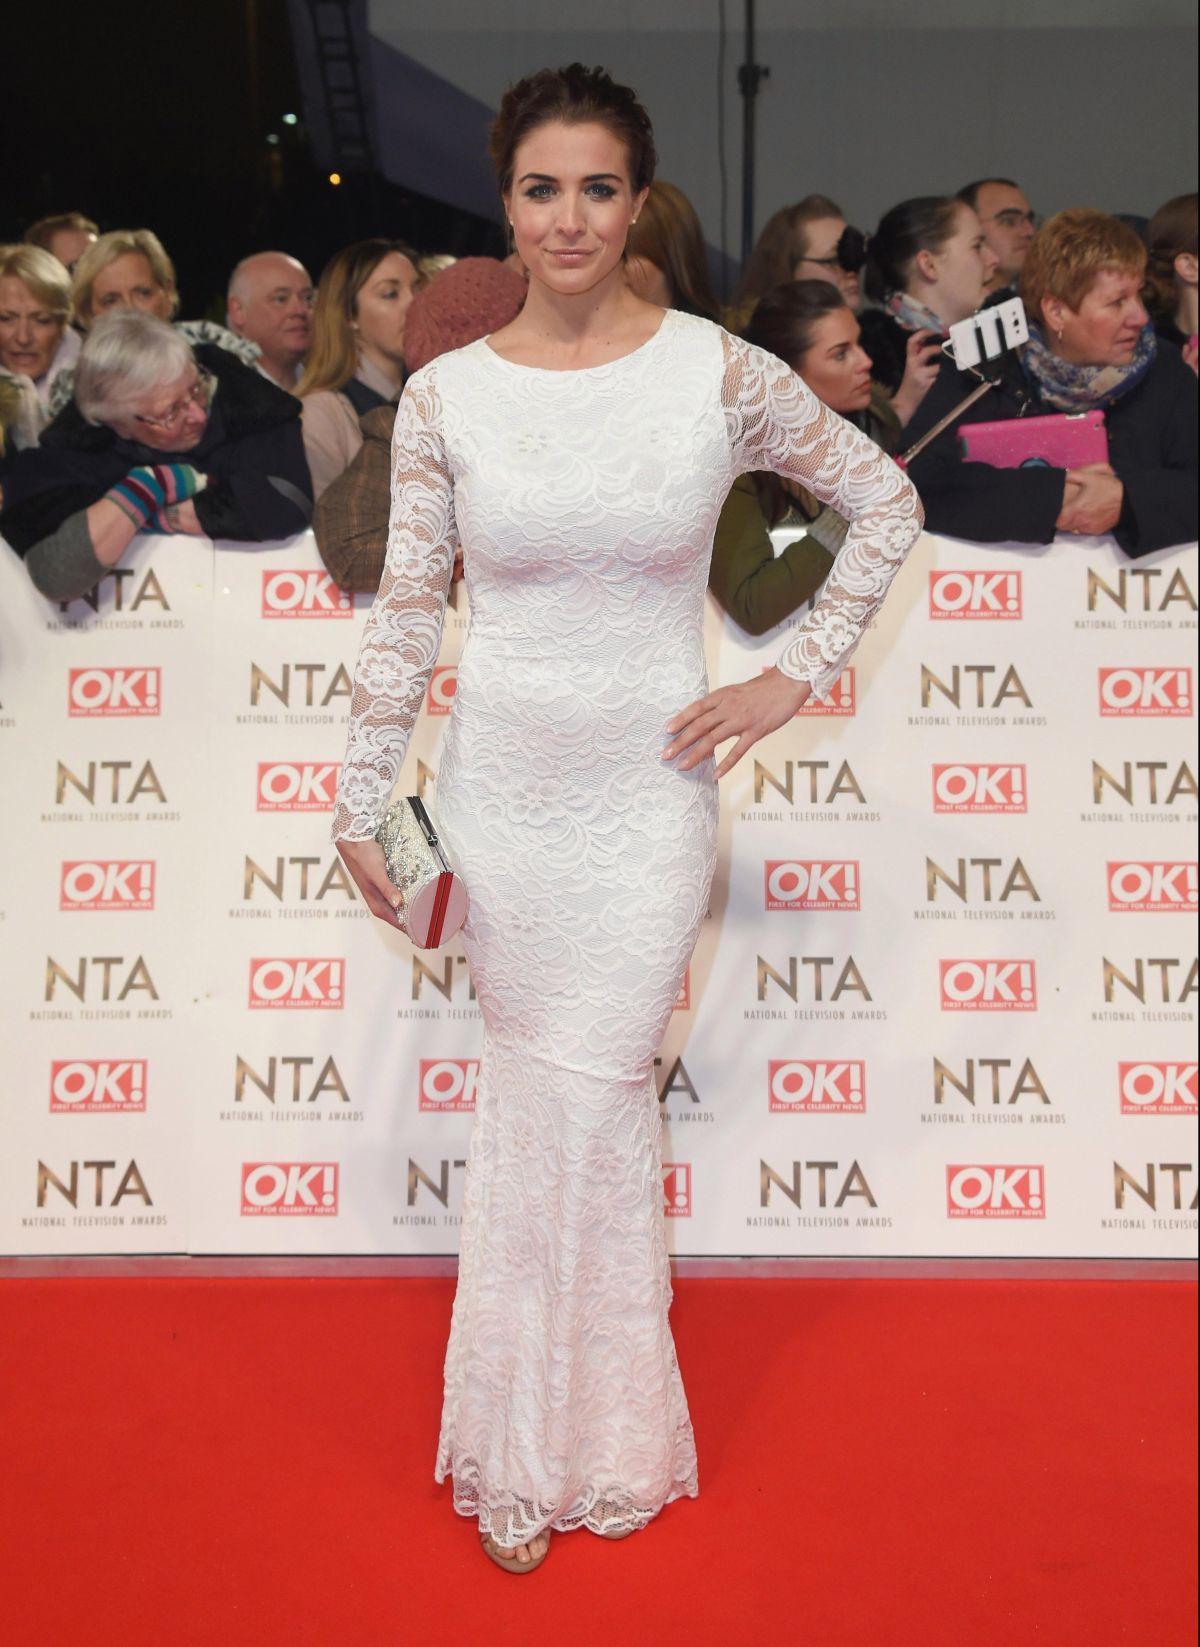 GEMMA ATKINSON at National Television Awards in London 01/25/2017